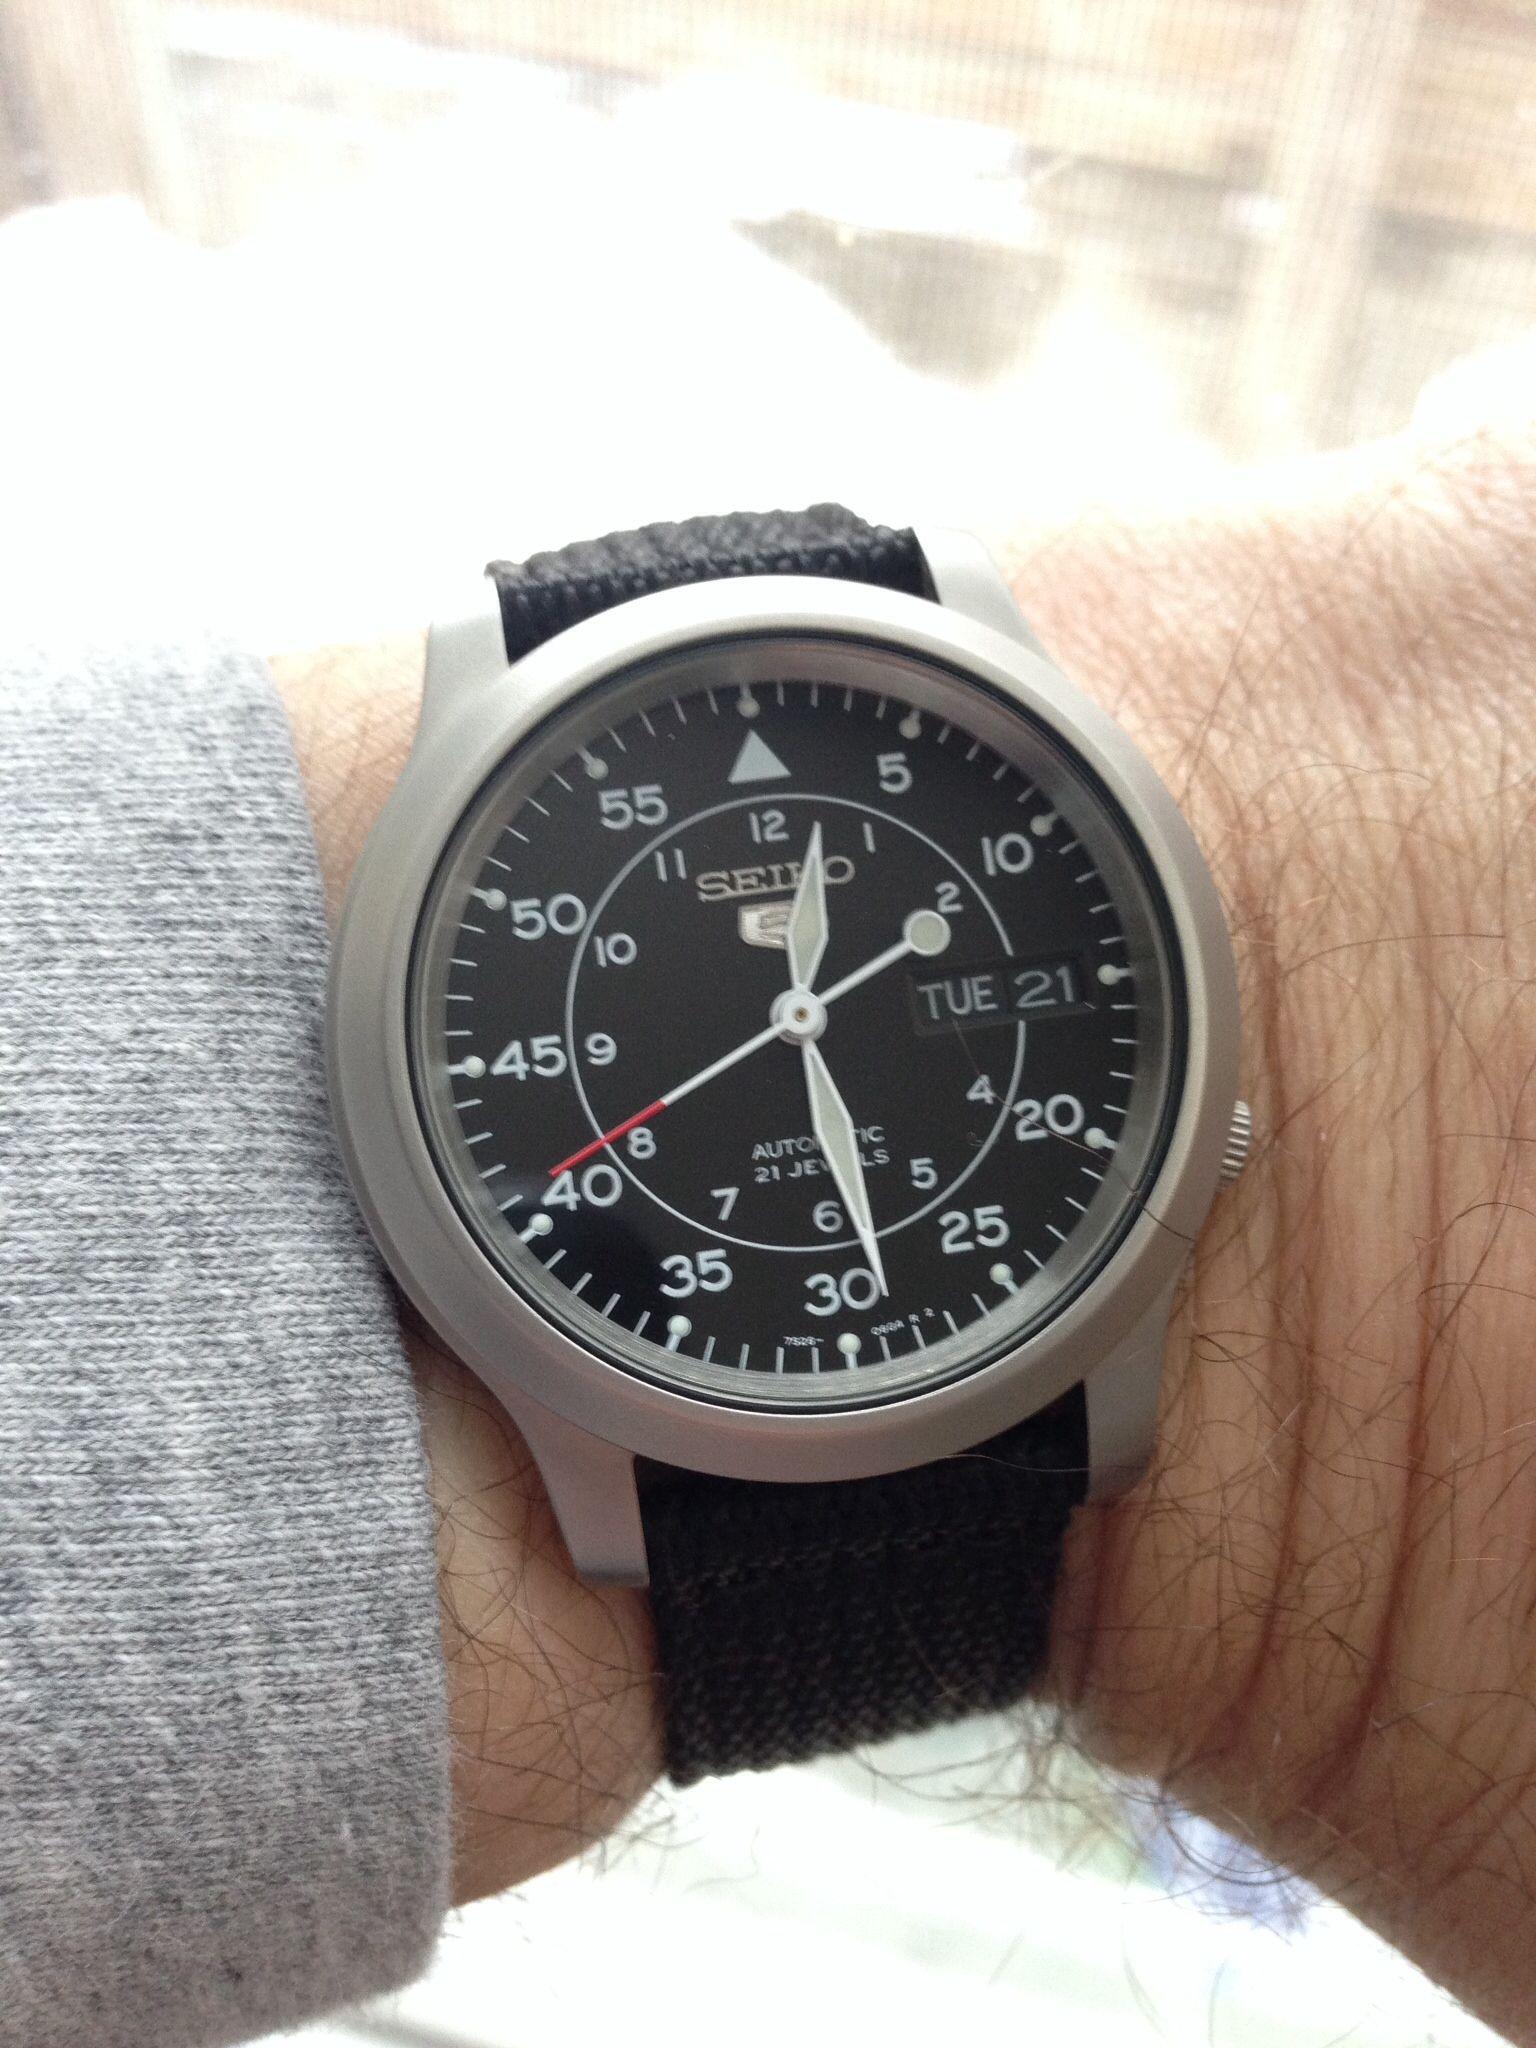 Seiko SNK809 Seiko 5 automatic field watch Seiko Snk809 Seiko 5 Automatic Field Watches